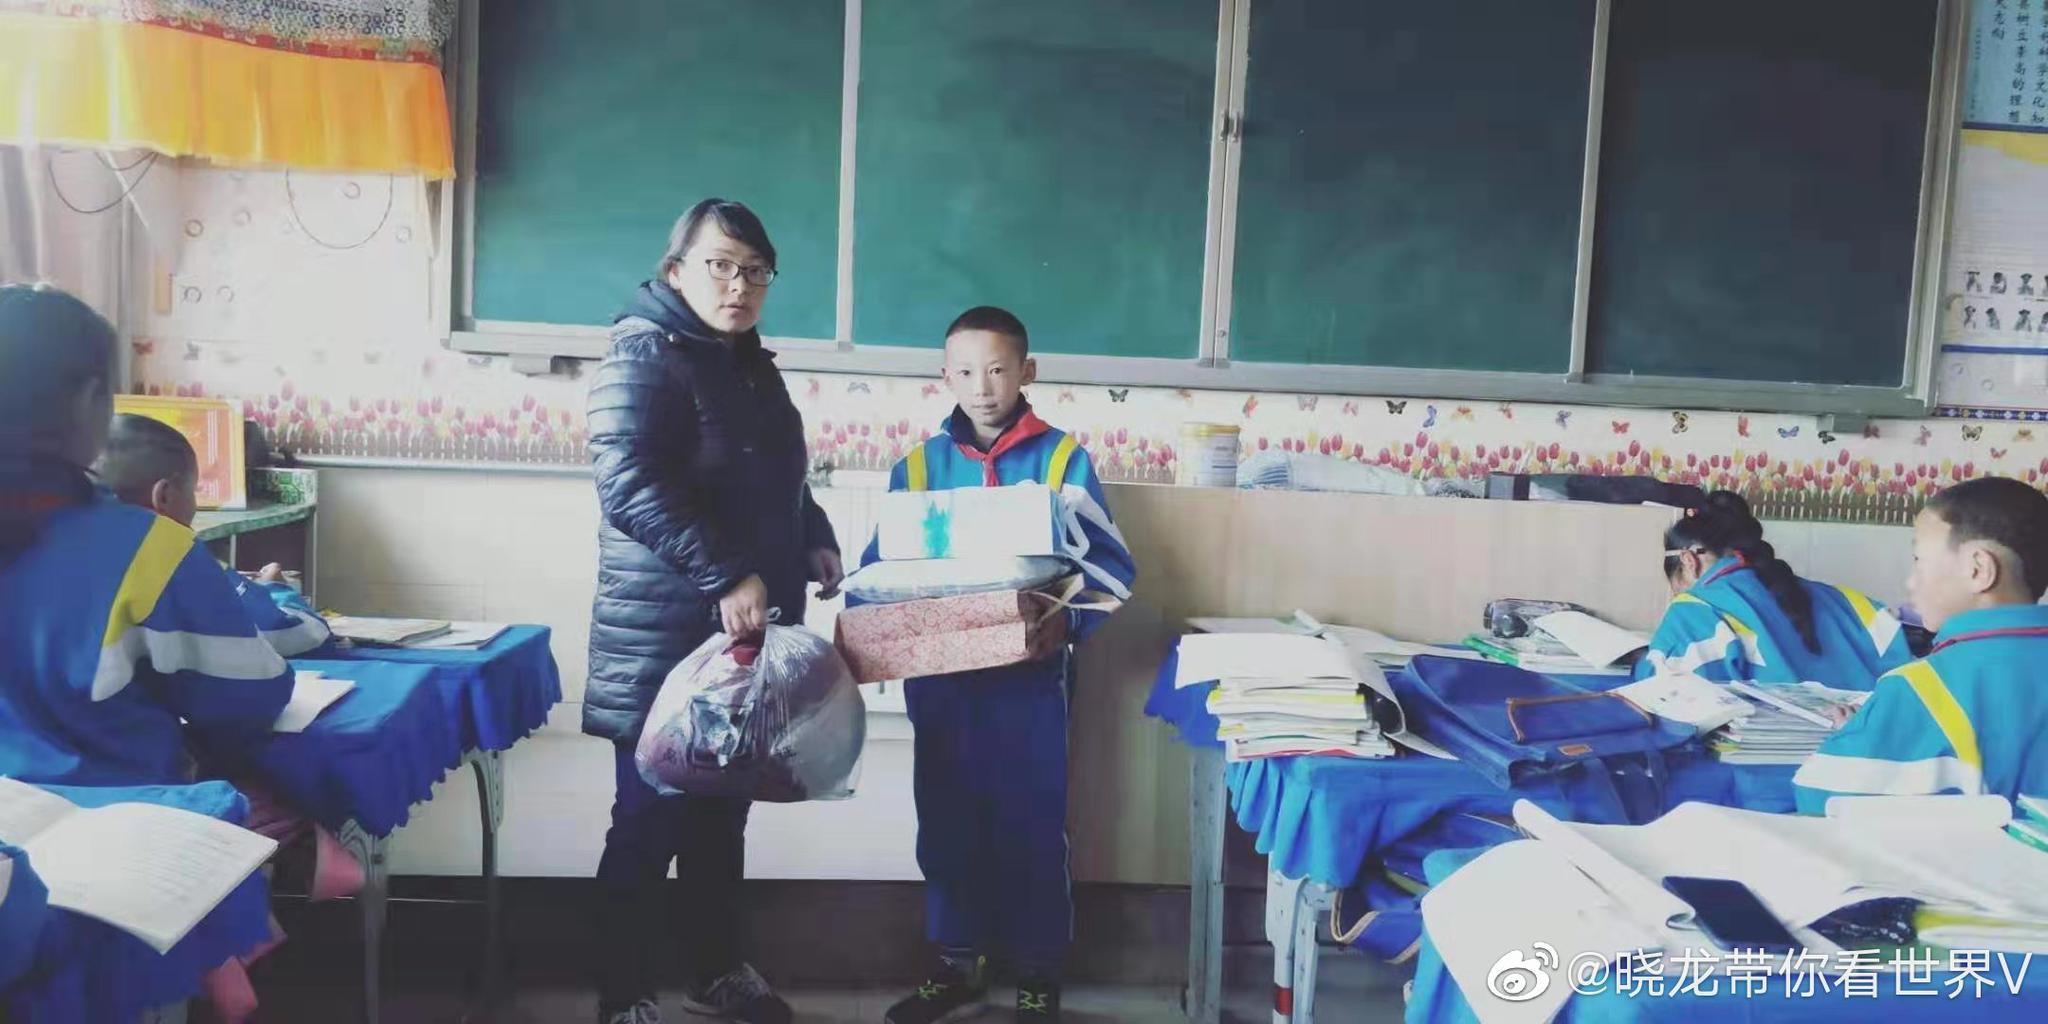 那曲扎仁镇小学非常感谢@西藏逍遥 郑少杰和他的朋友们